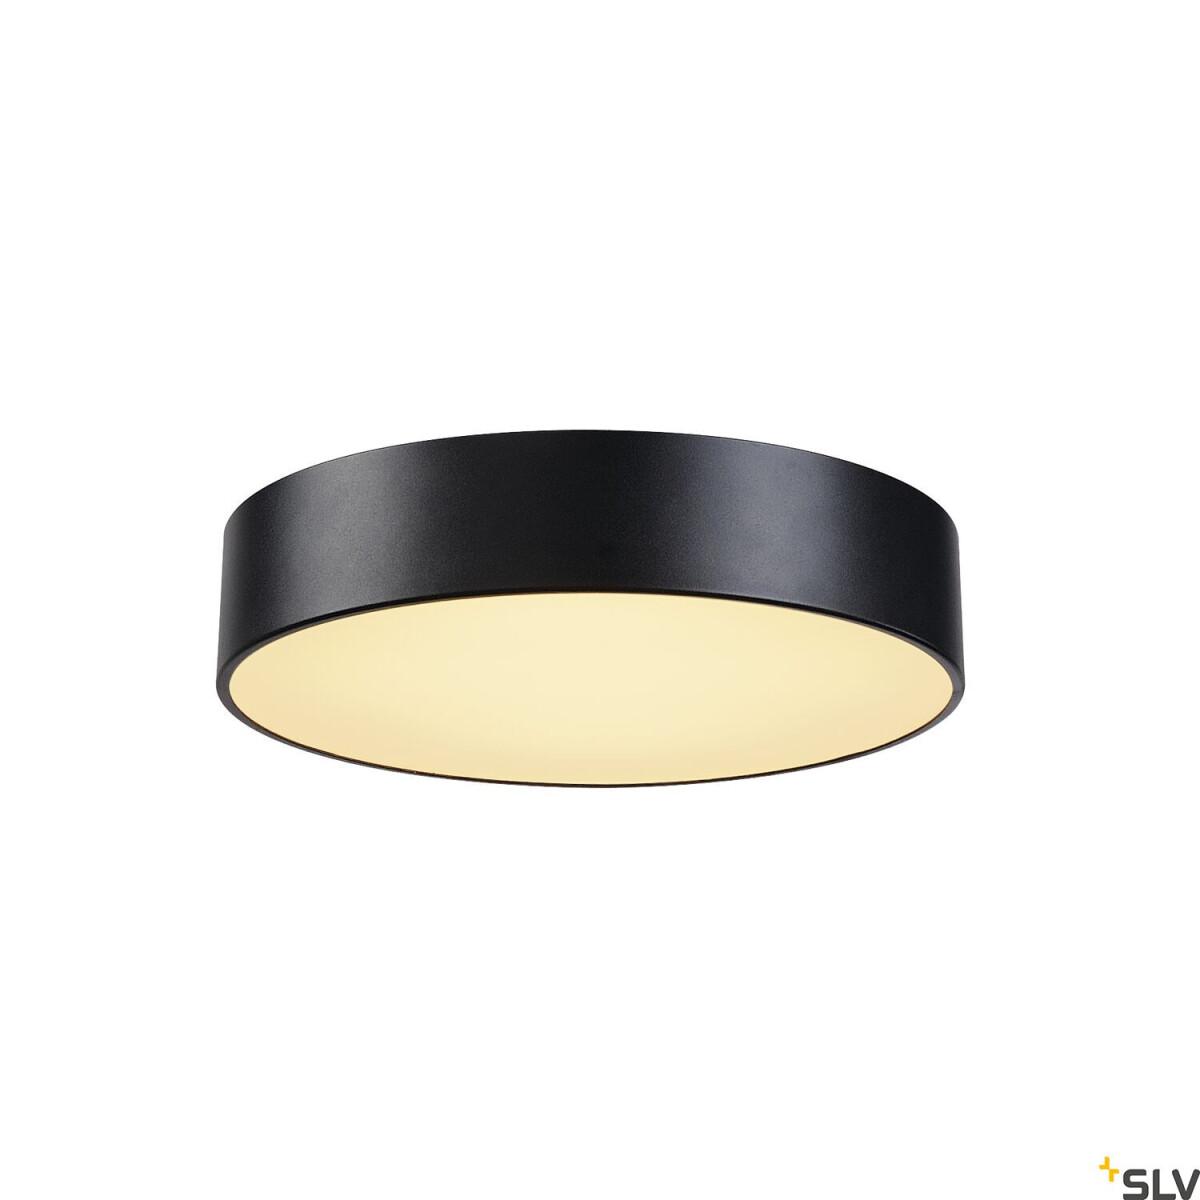 MEDO 40 LED Deckenleuchte rund schwarz 38cm 6W SLV 135070   Leuchtenr, 179,00